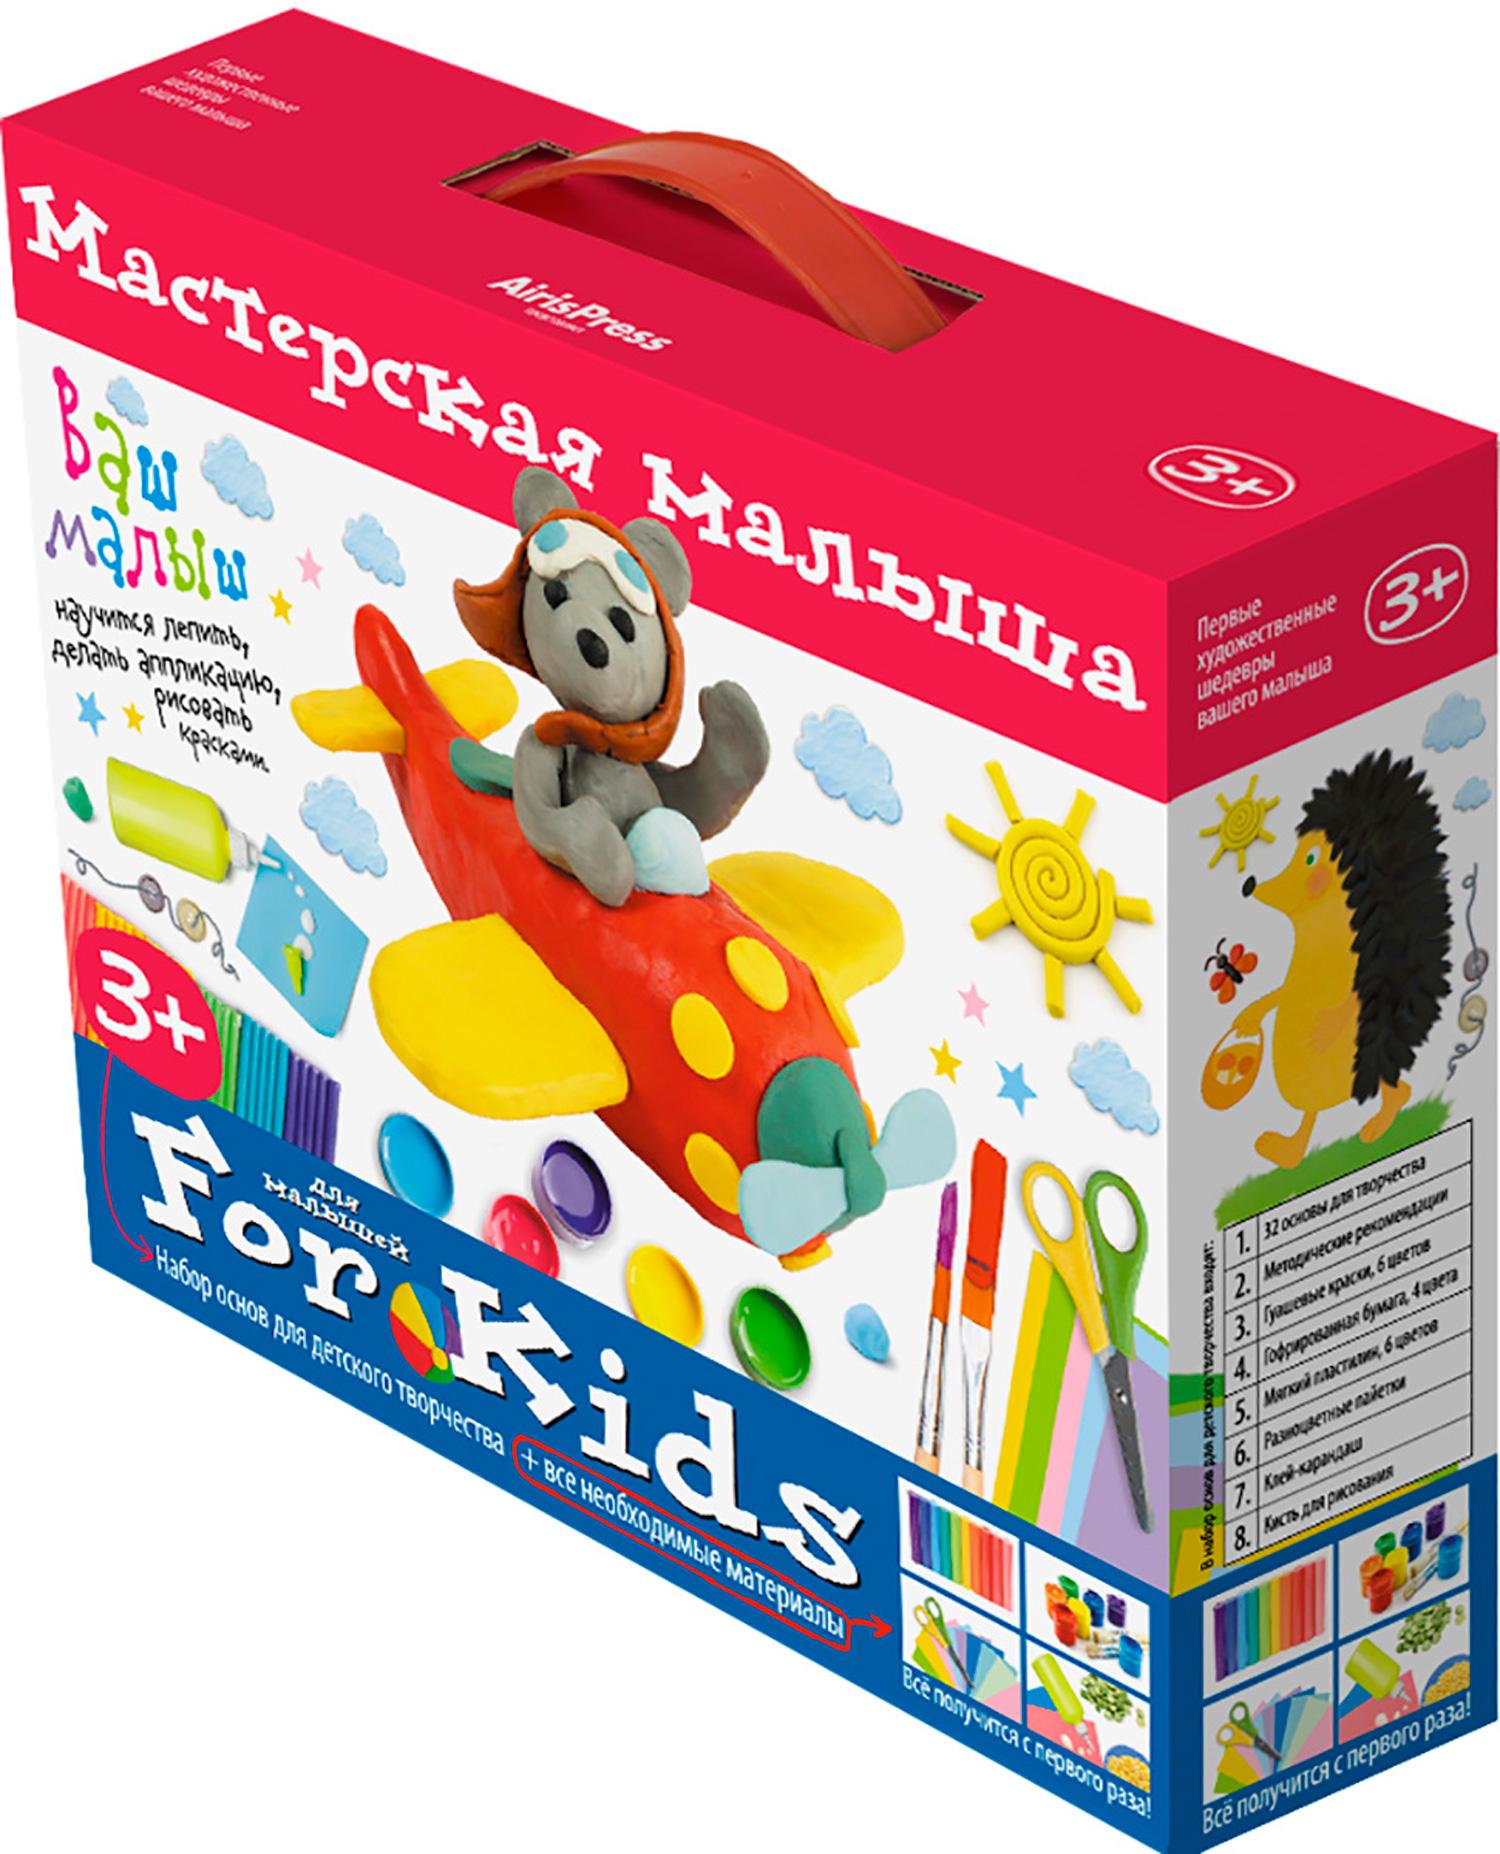 Творч Мастерская малыша. Чемоданчик 3+: Набор основ и материалов для творч